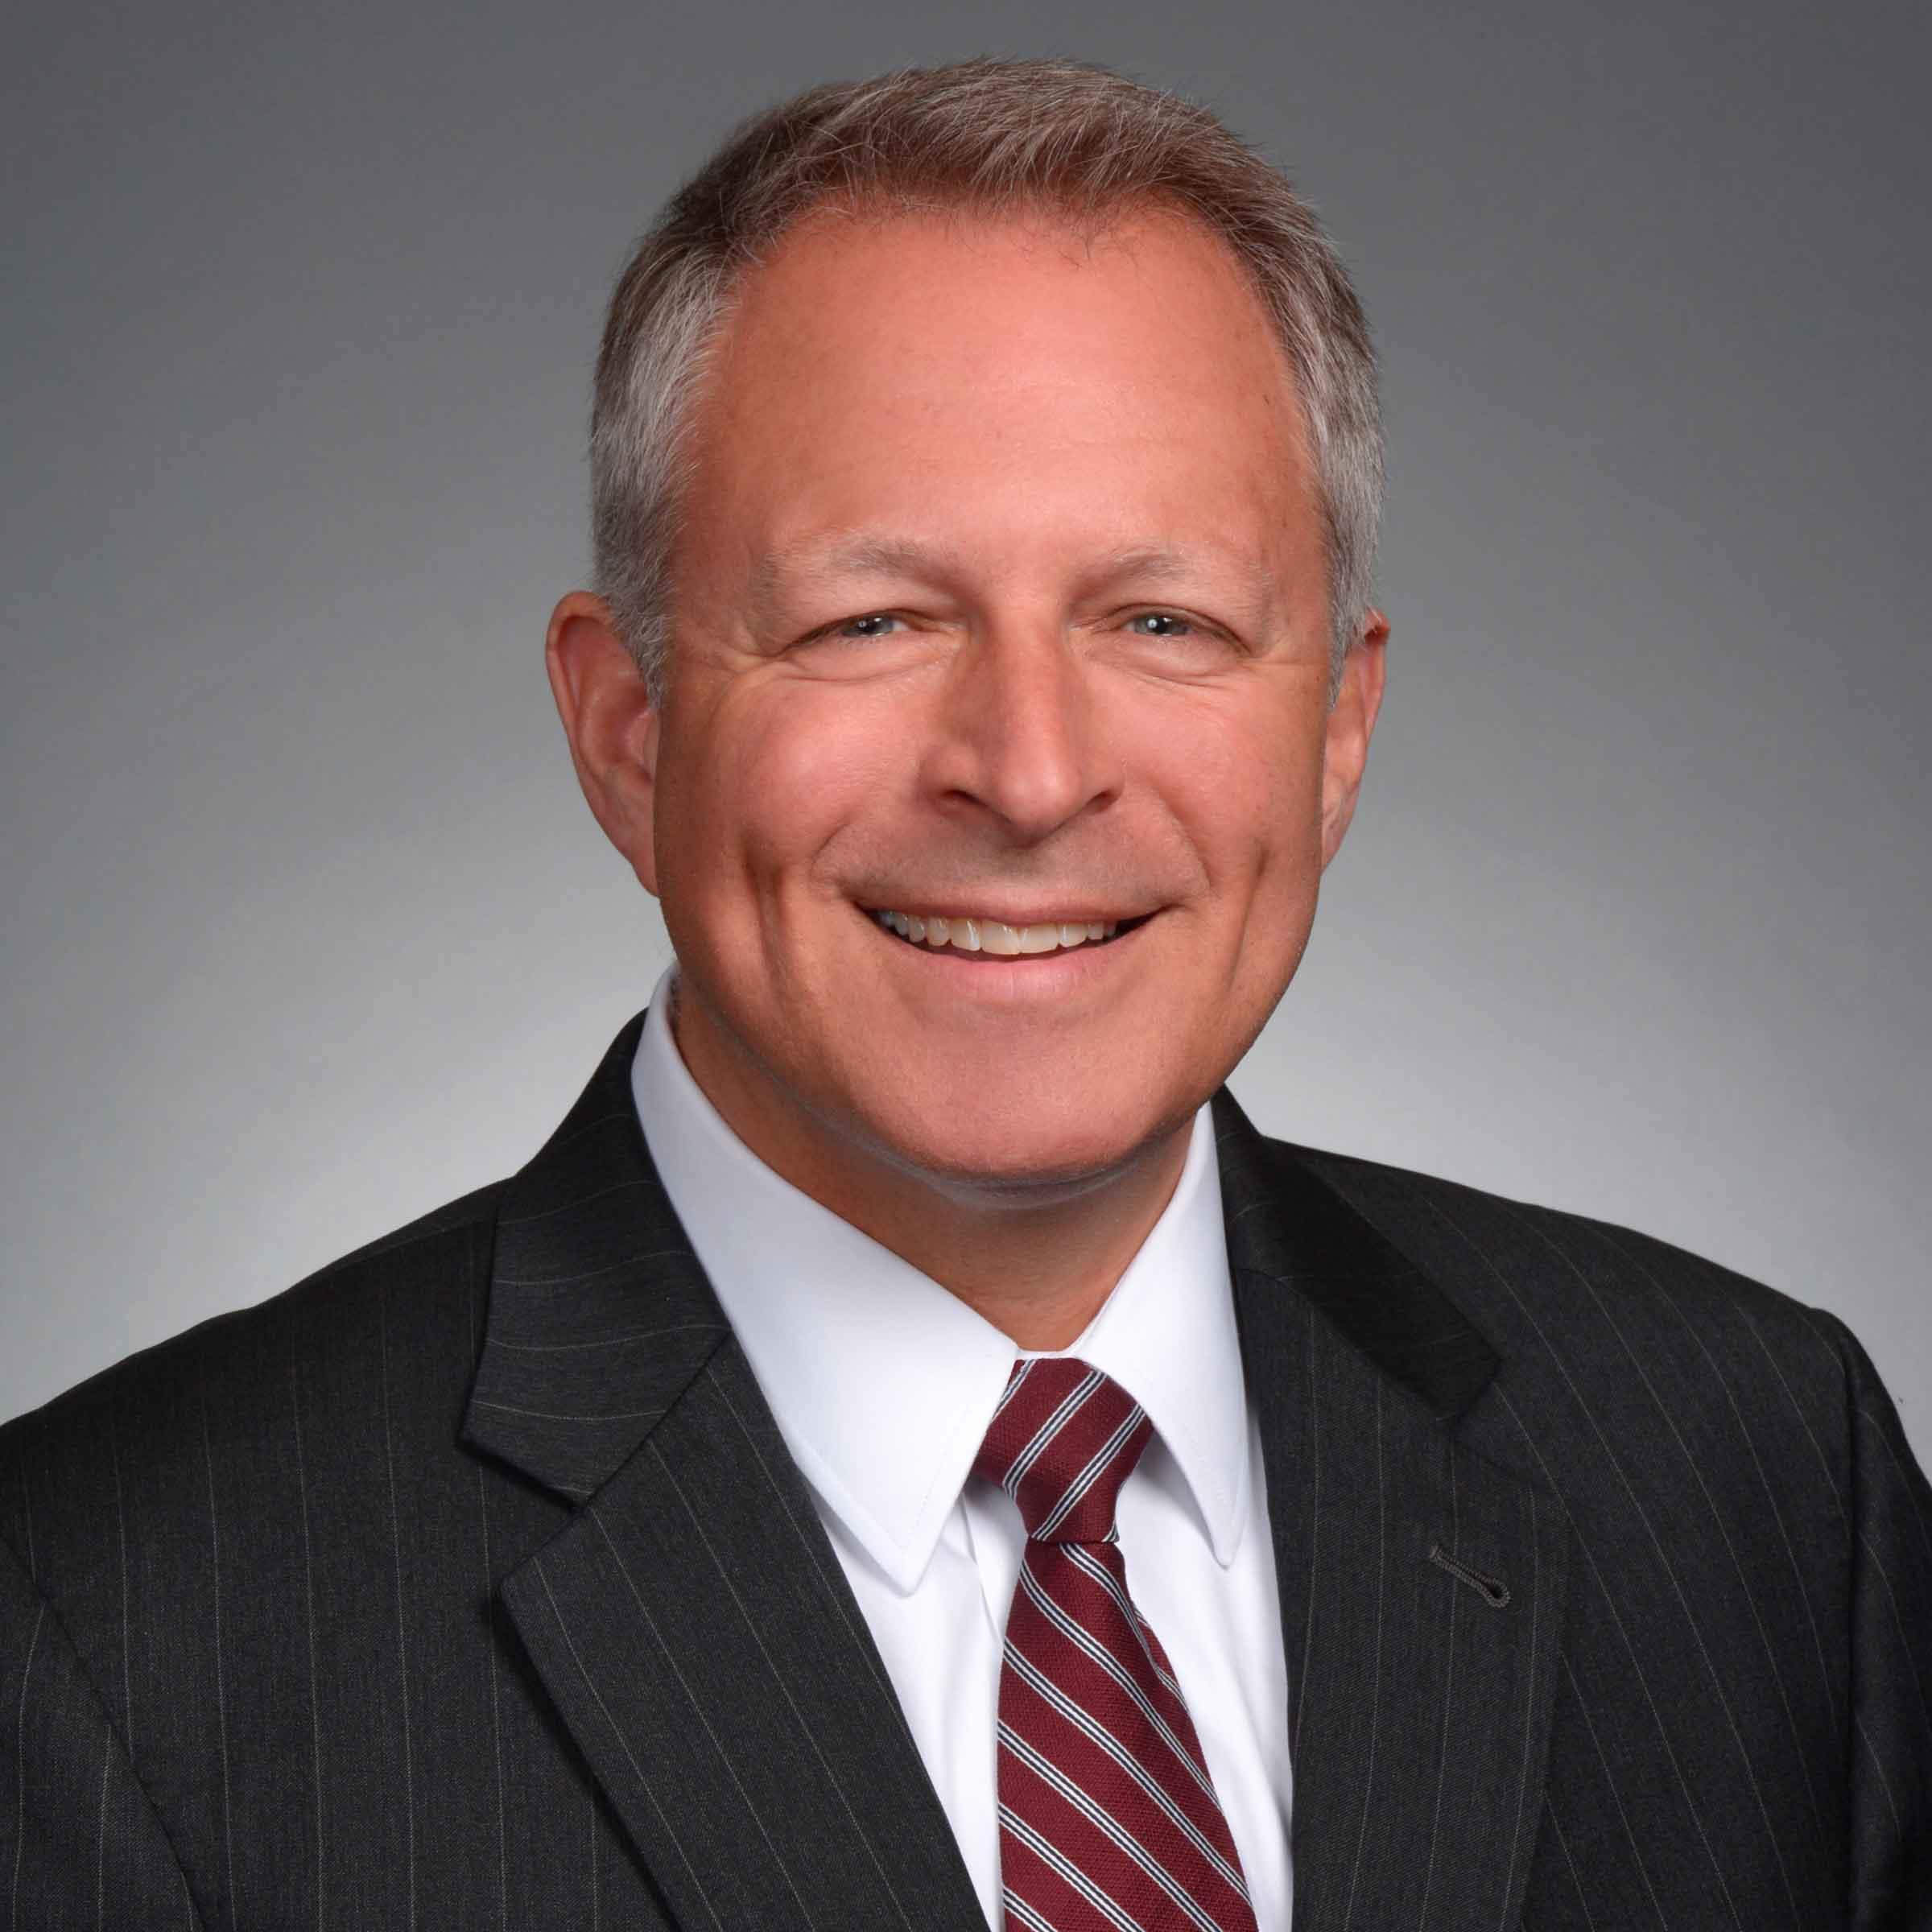 Michael Blanton, JD, CFA®, CPA portrait image. Your local Wealth Advisor in Naperville, IL.